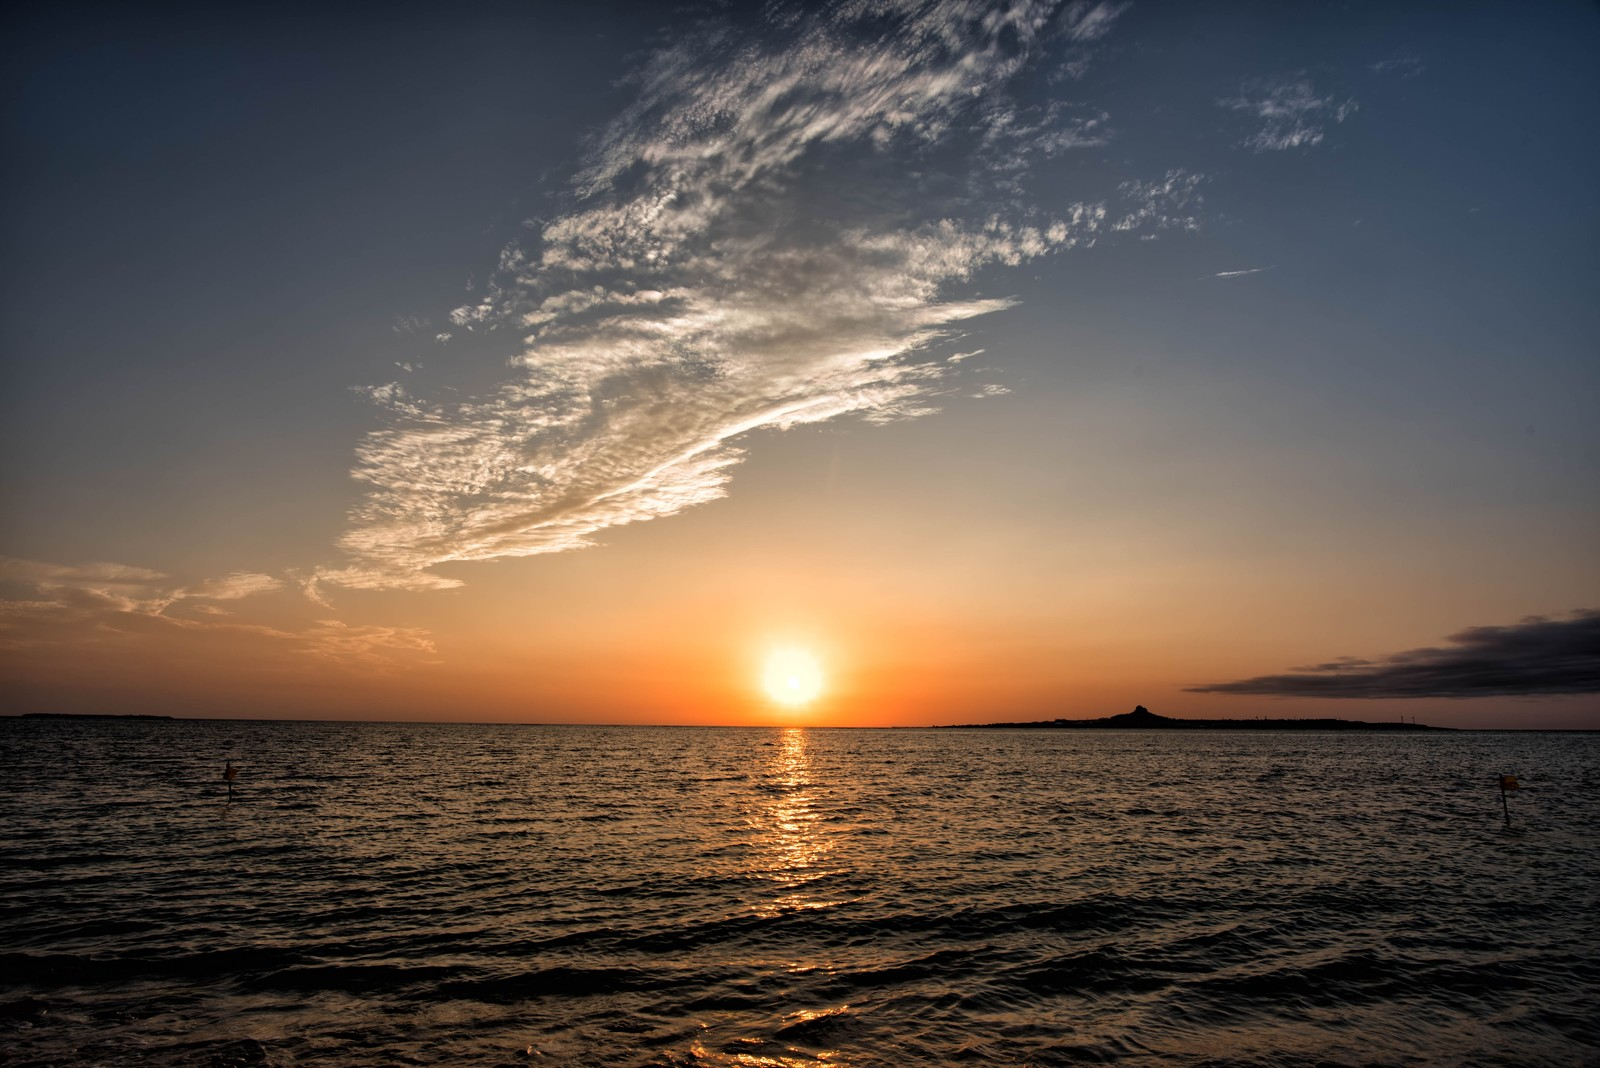 「伊江島に沈む夕日」の写真